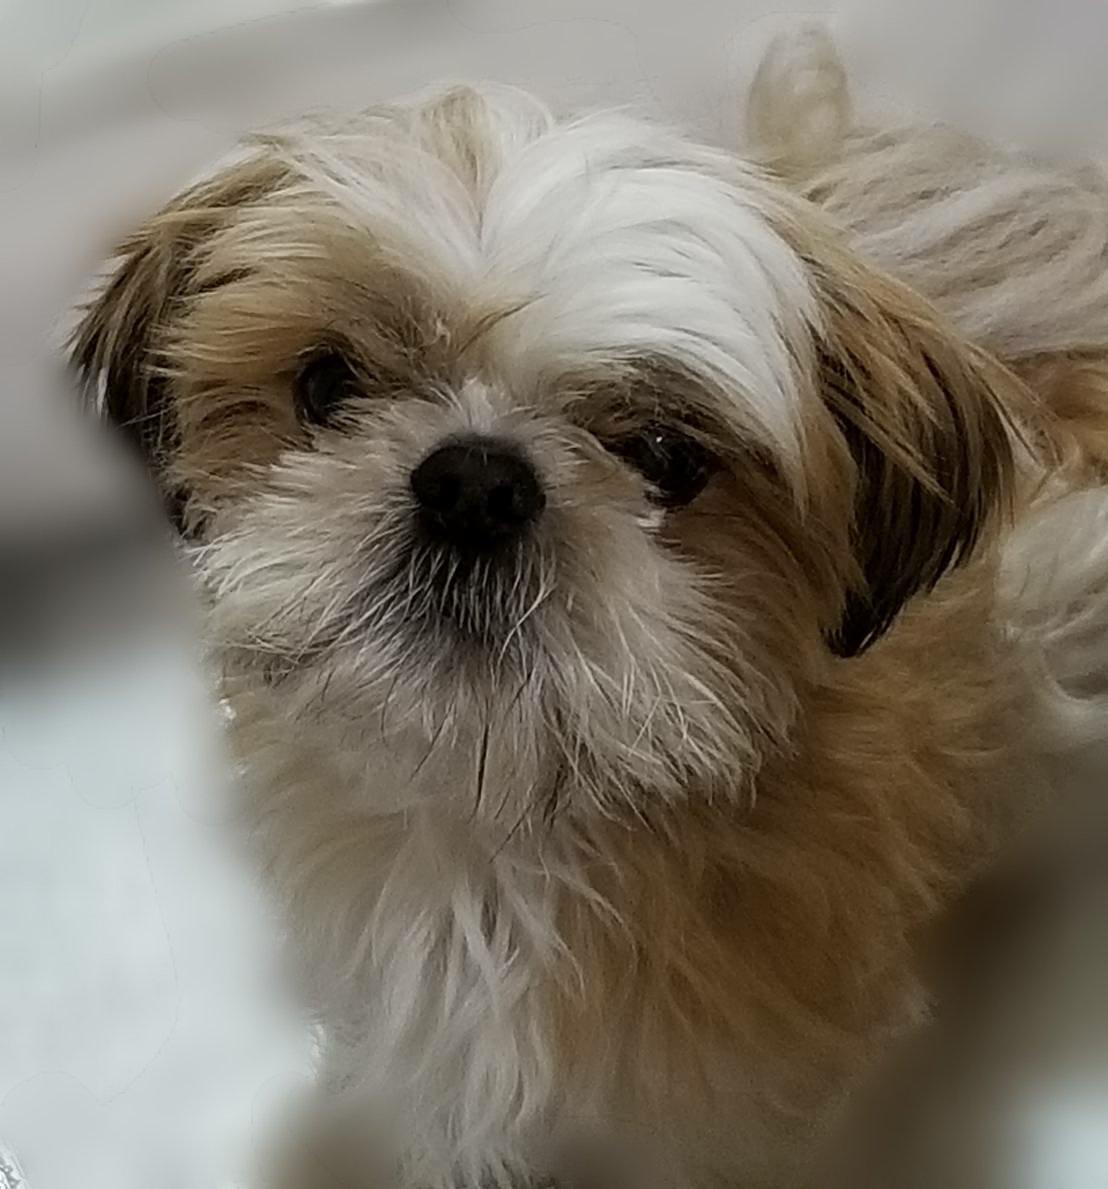 今晩は比較的安定した状態で過ごしてくれたしーちゃん。 良かった~ しーちゃんが安定してくれてるだけで、幸せです  #シーズー #しーずー #鼻ぺちゃ #犬好きさんと繋がりたい #犬のいる暮らし #犬好きな人と繋がりたい #犬好き #犬のいる生活 #犬  #クラウドファンディングpic.twitter.com/gxJREMpzJw